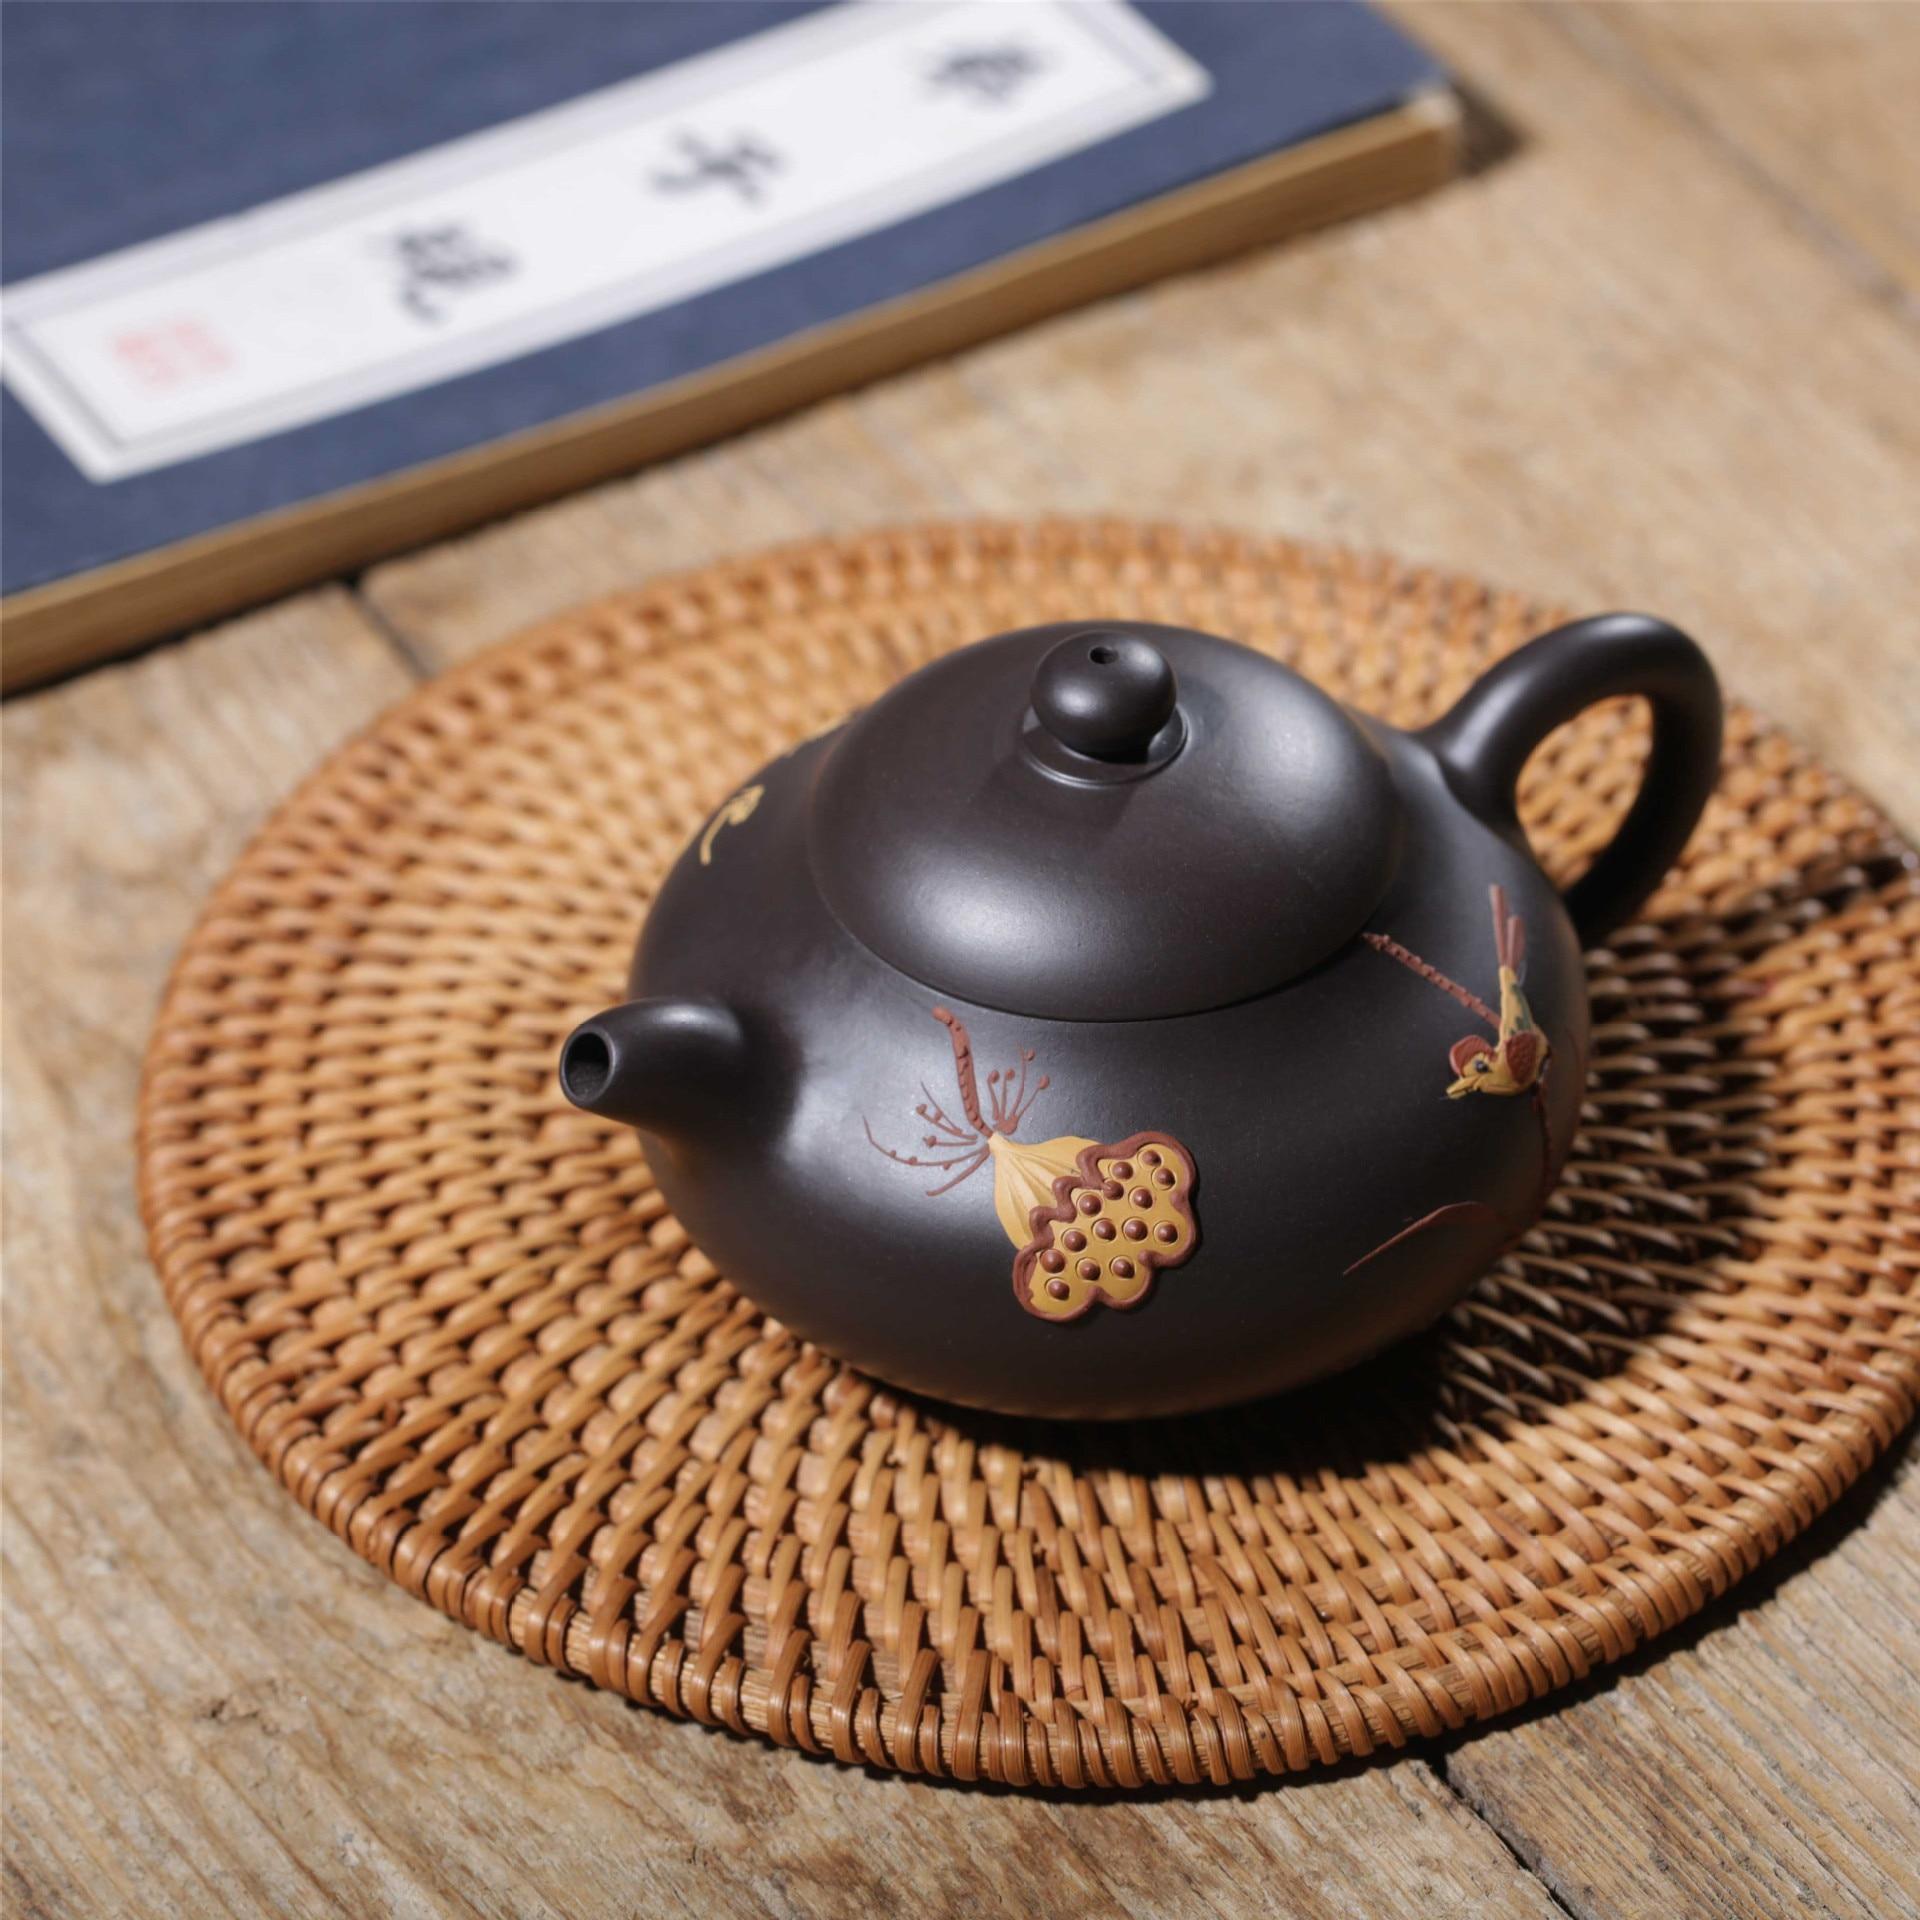 Известная ручная НЕОБРАБОТАННАЯ руда черного грязевого цветной рисунок или узор Xi Shi чайник завод прямой Wechat бизнес бесплатно агент - 4